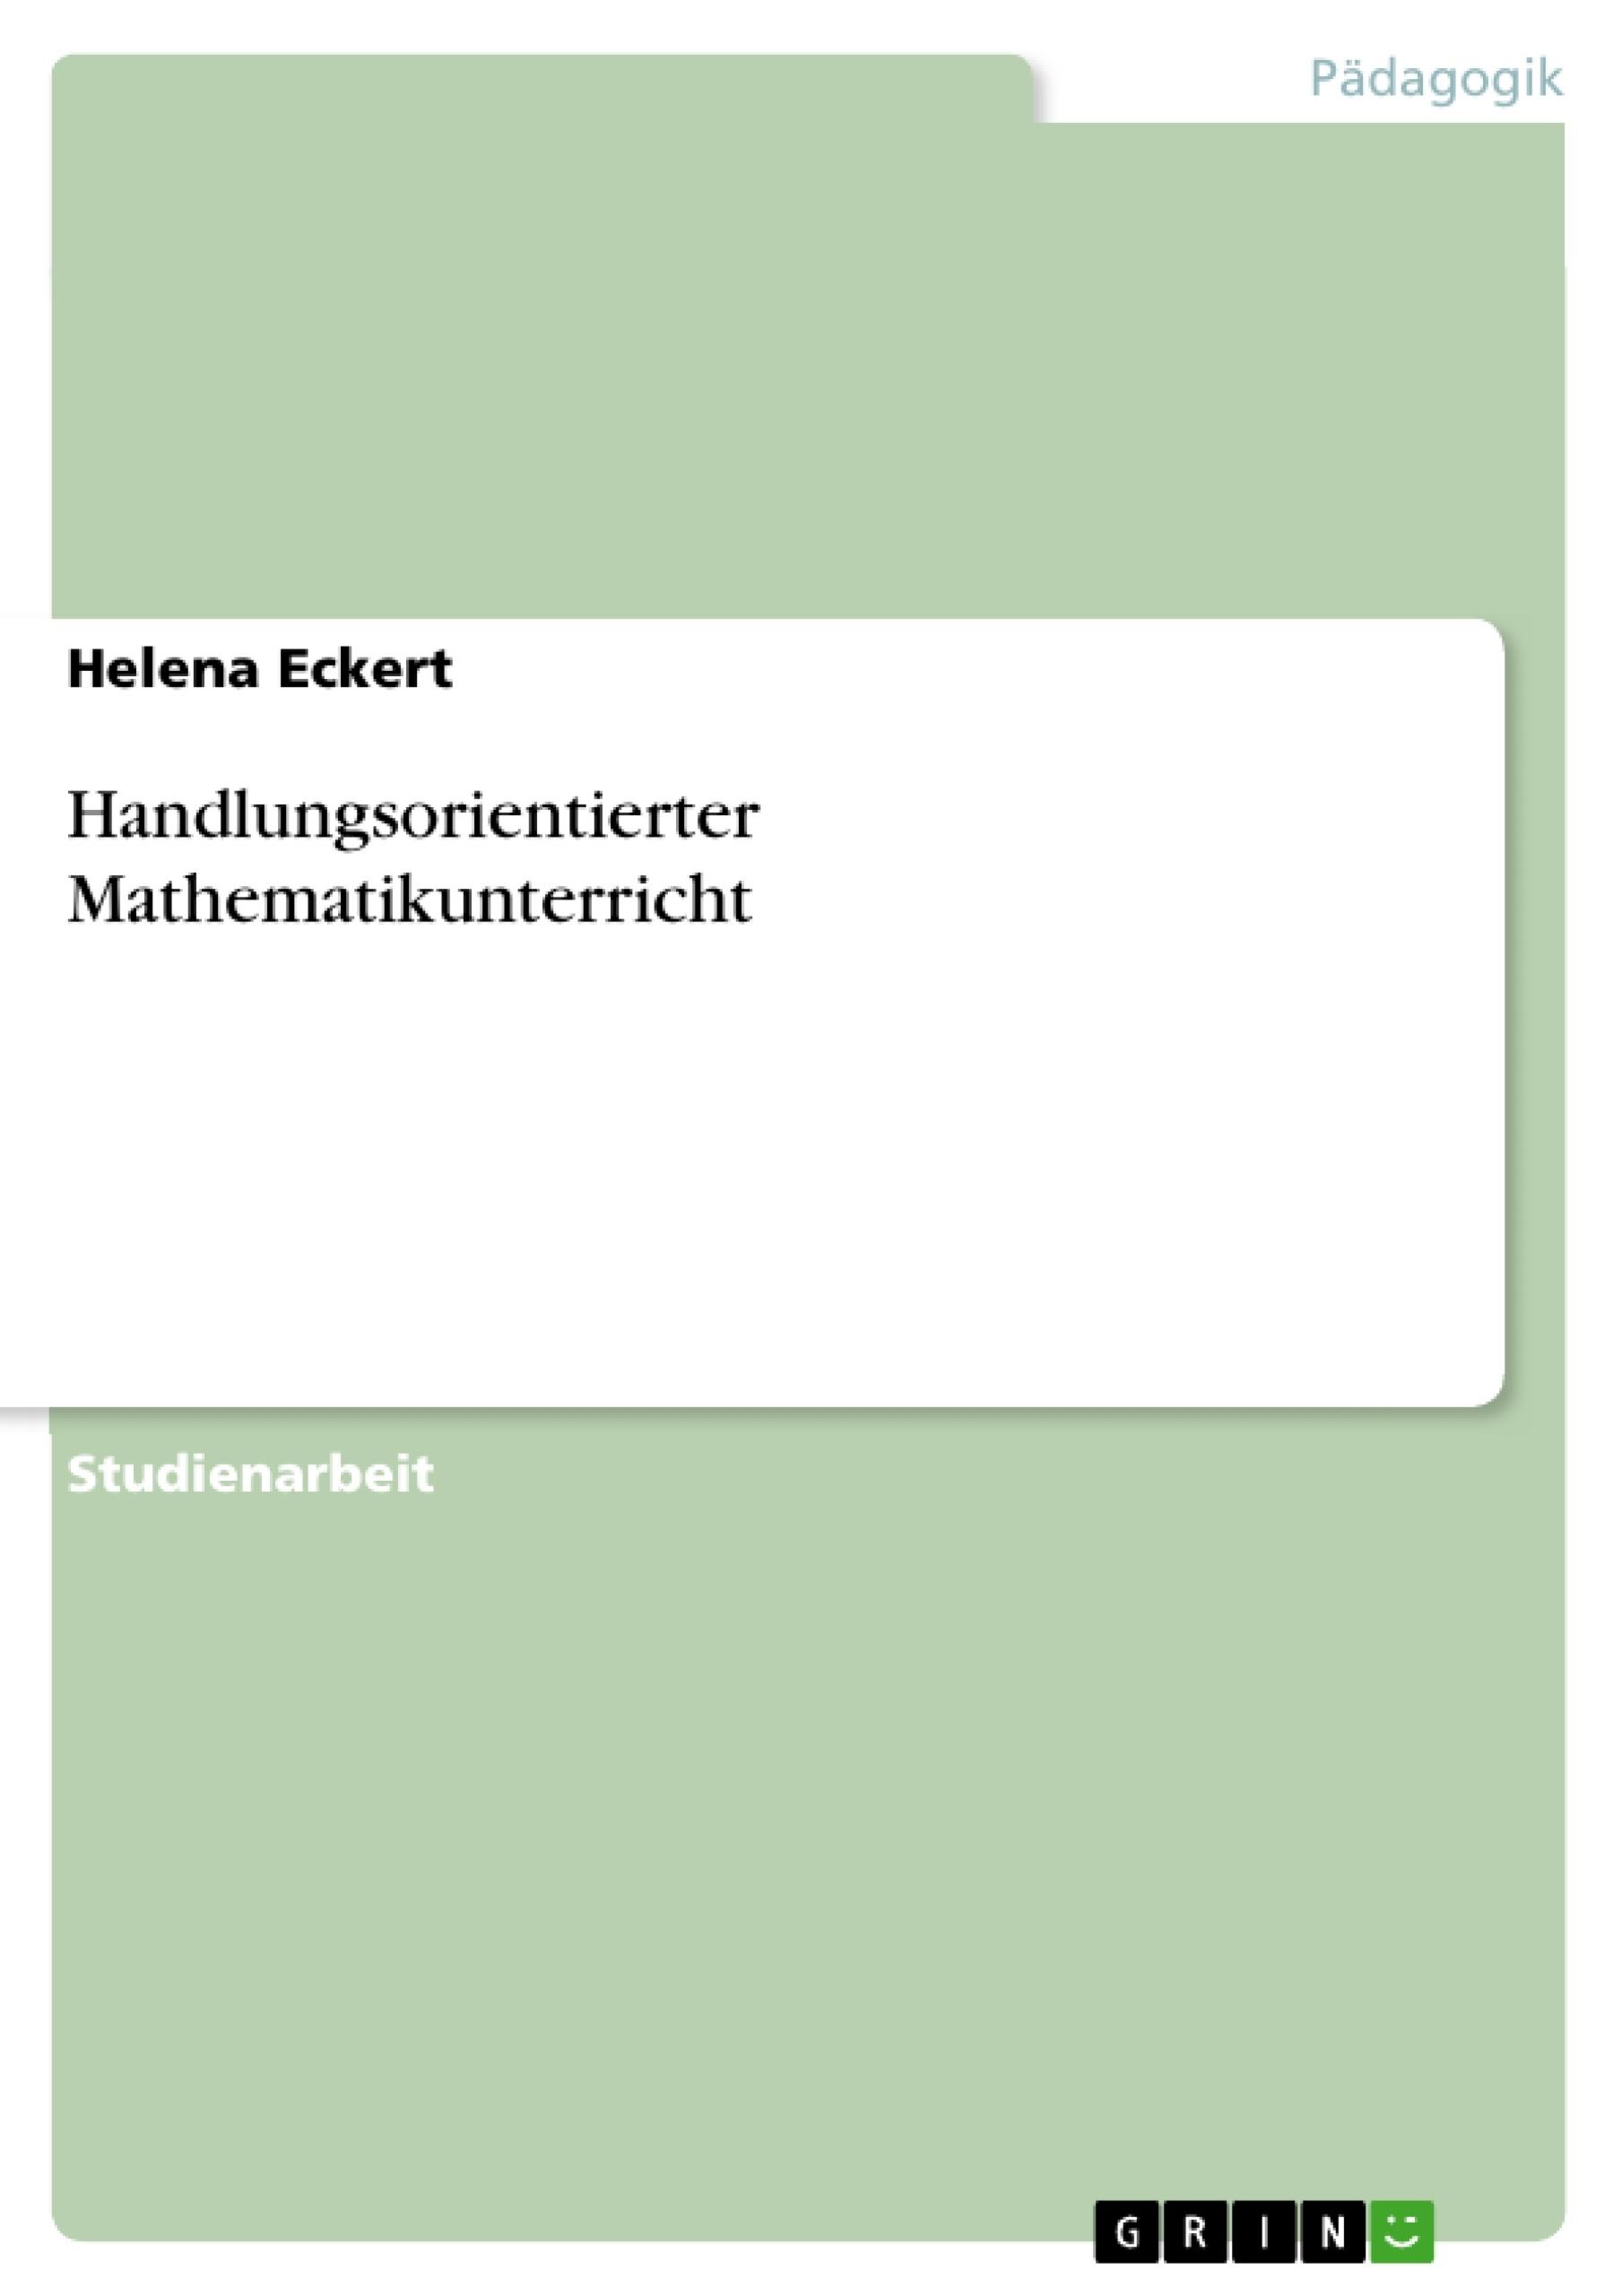 Titel: Handlungsorientierter Mathematikunterricht